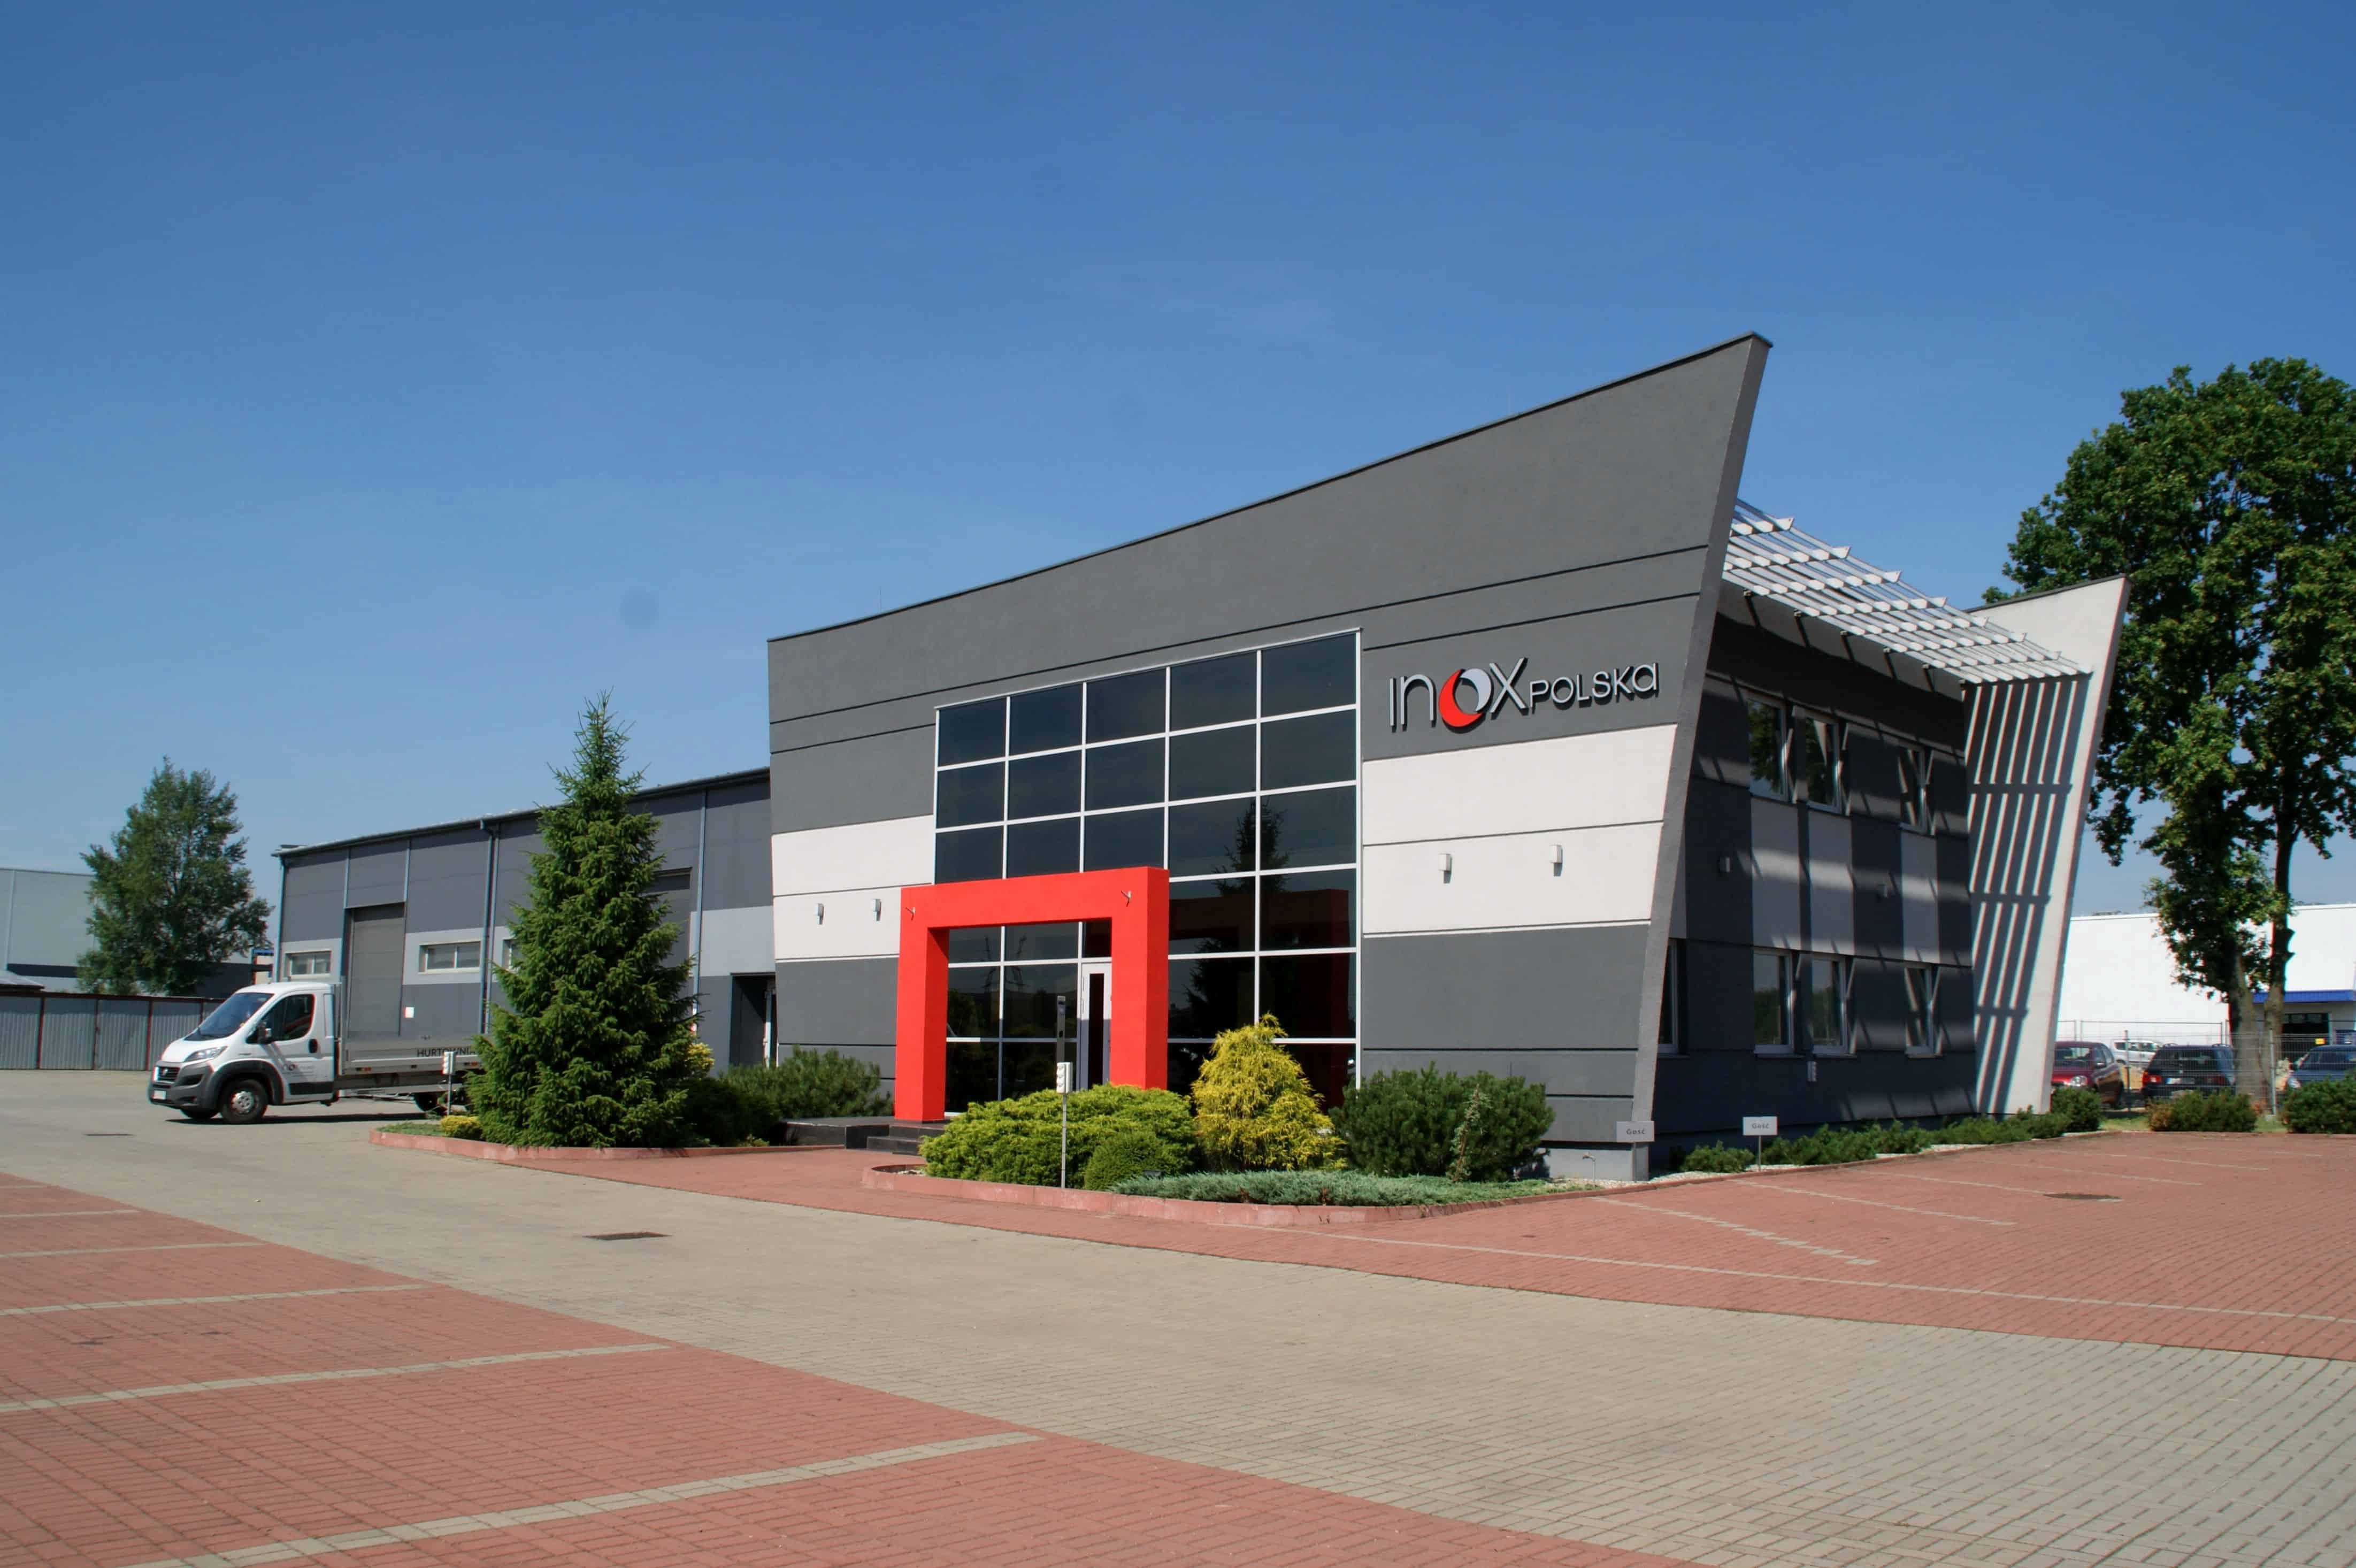 siedziba firmy inox